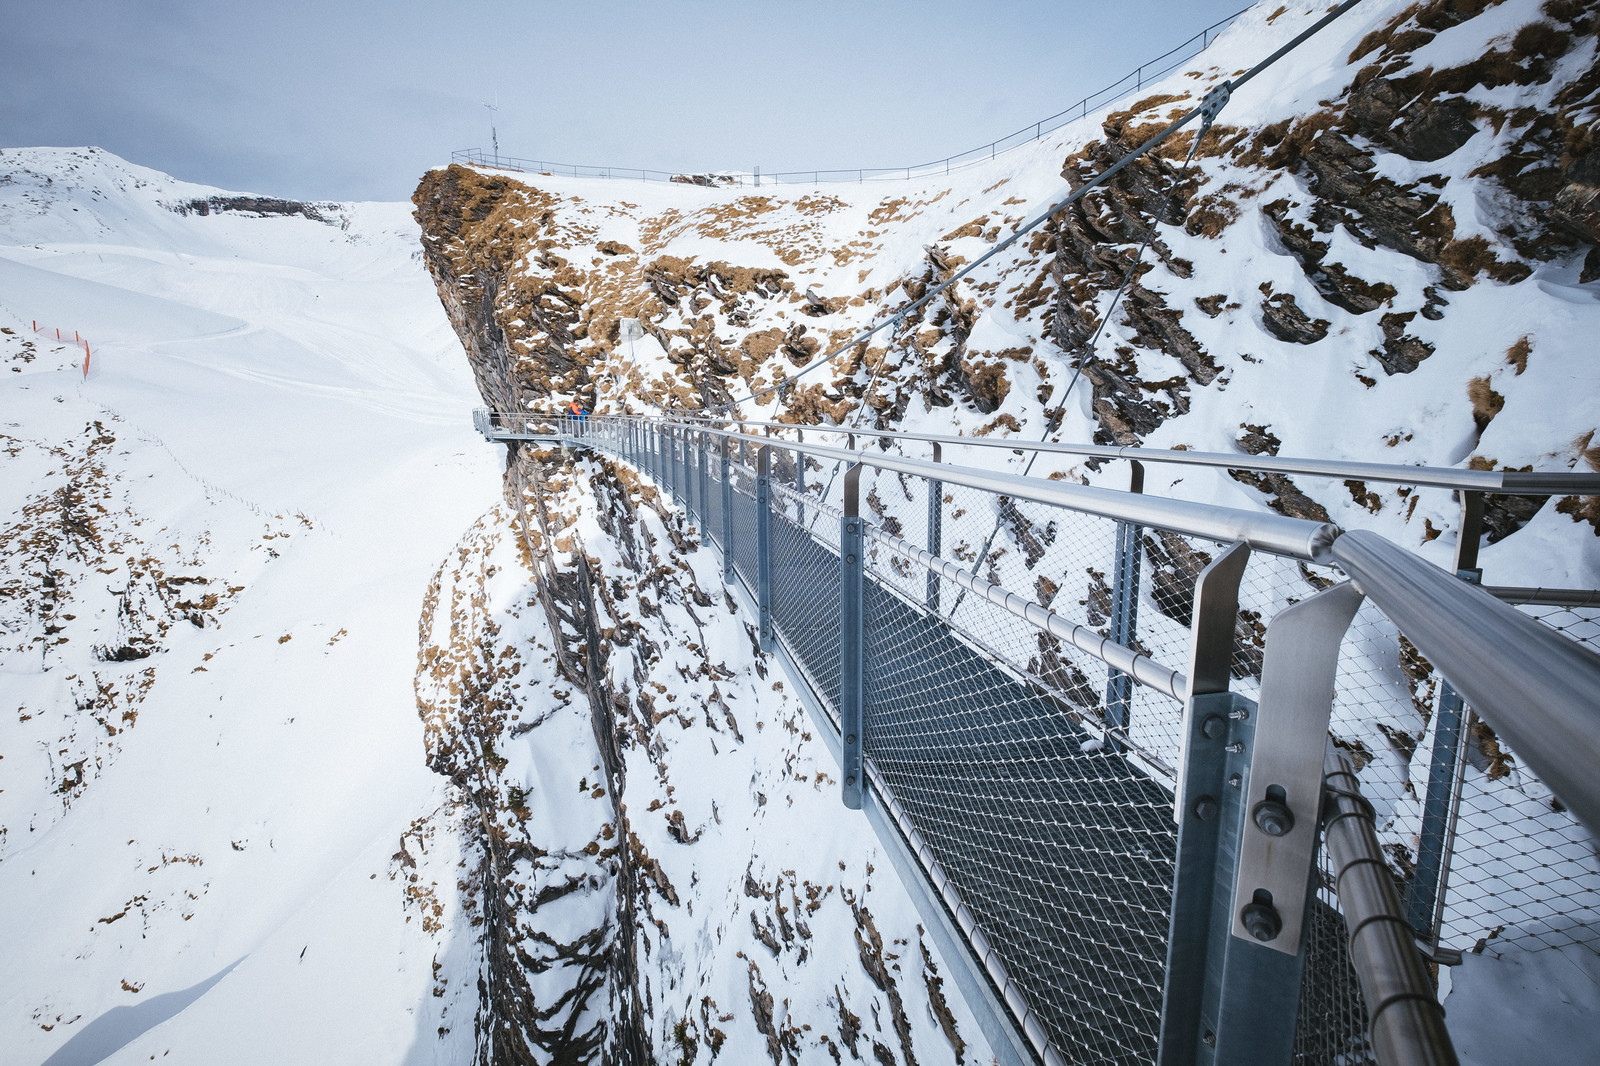 「断崖雪壁に設置された吊橋の様子(スイス)」の写真